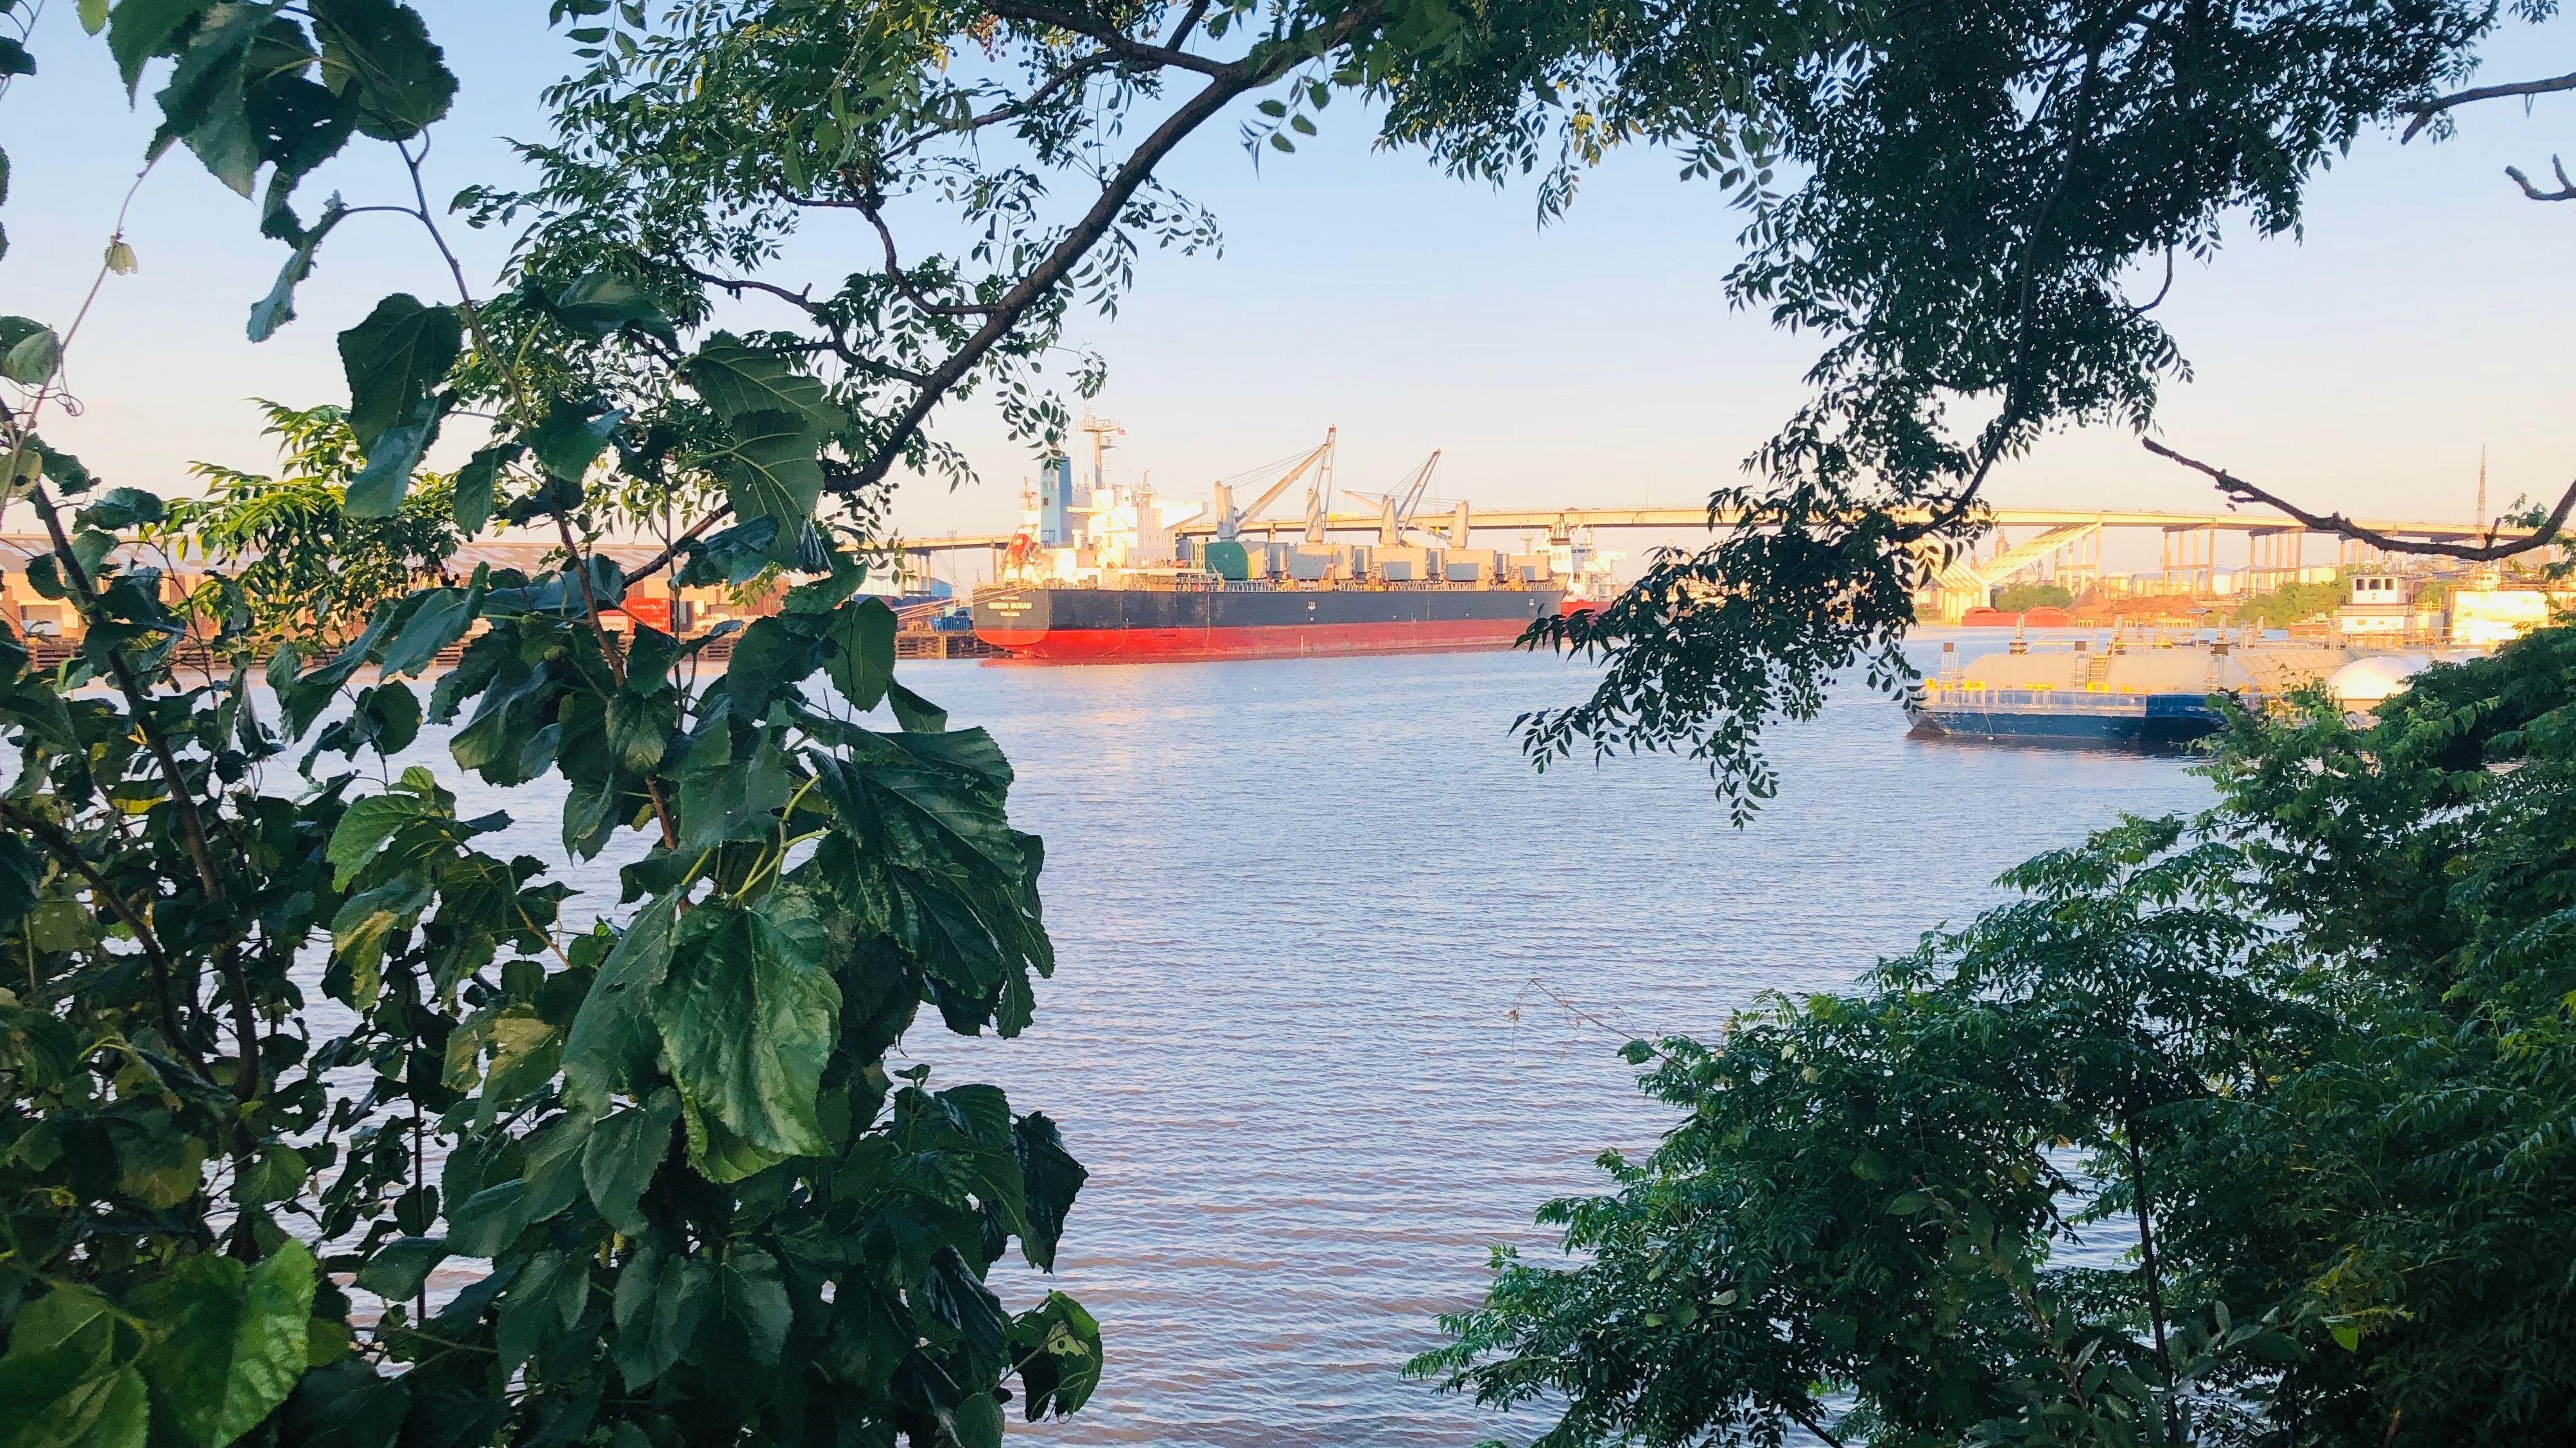 Ein Tanker auf dem Buffalo Bayou Fluss. Immer wieder passieren Unfälle. Zuletzt im März dieses Jahres.